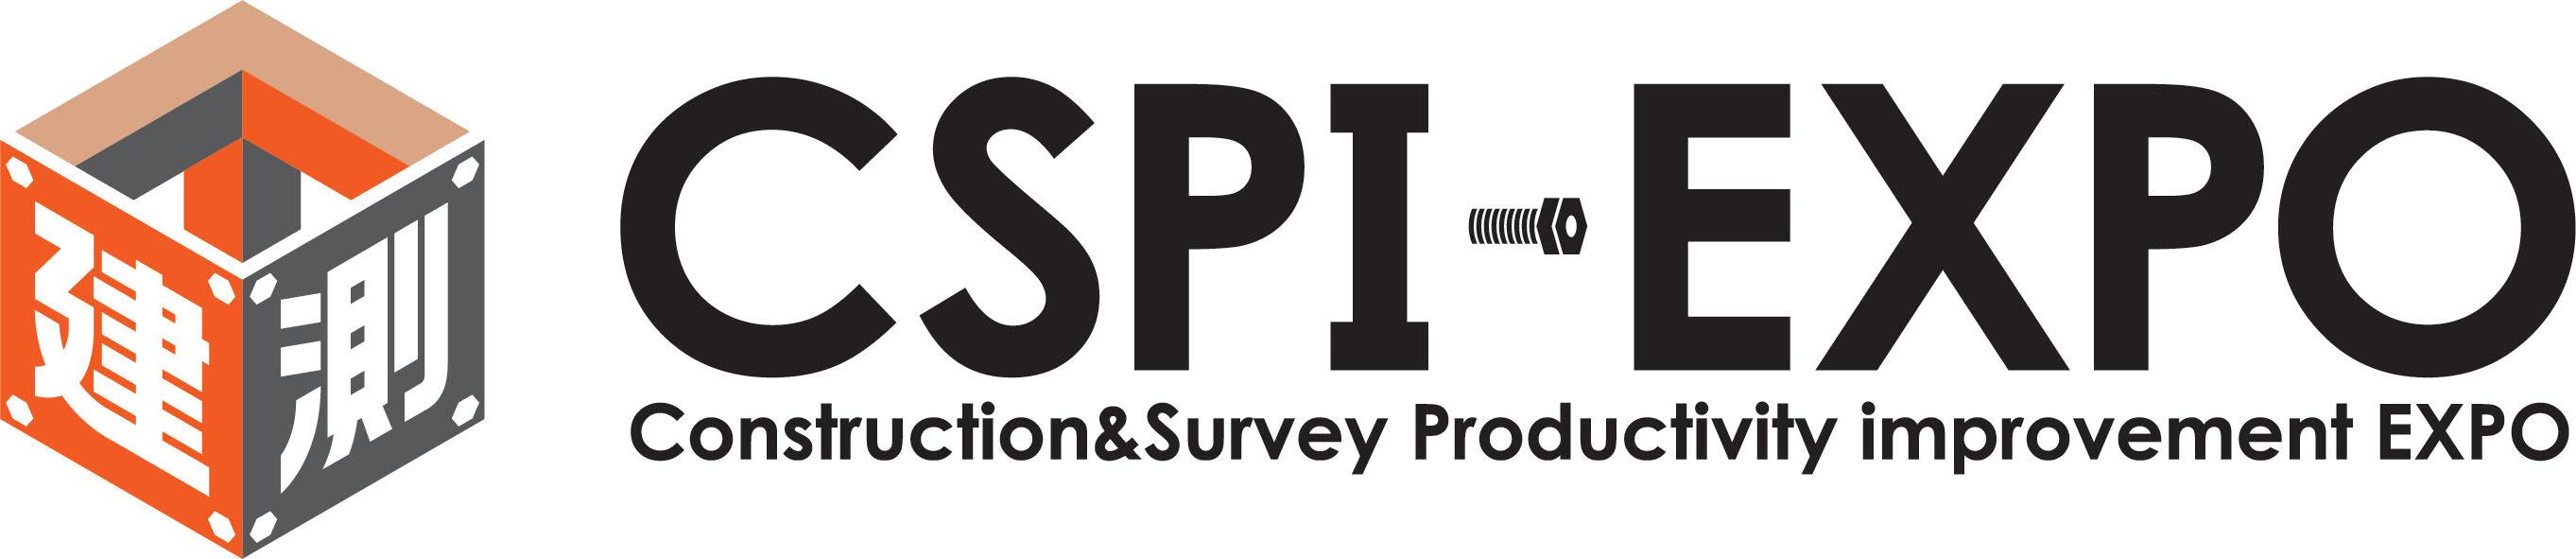 建設・測量生産性向上展 CSPIのロゴ